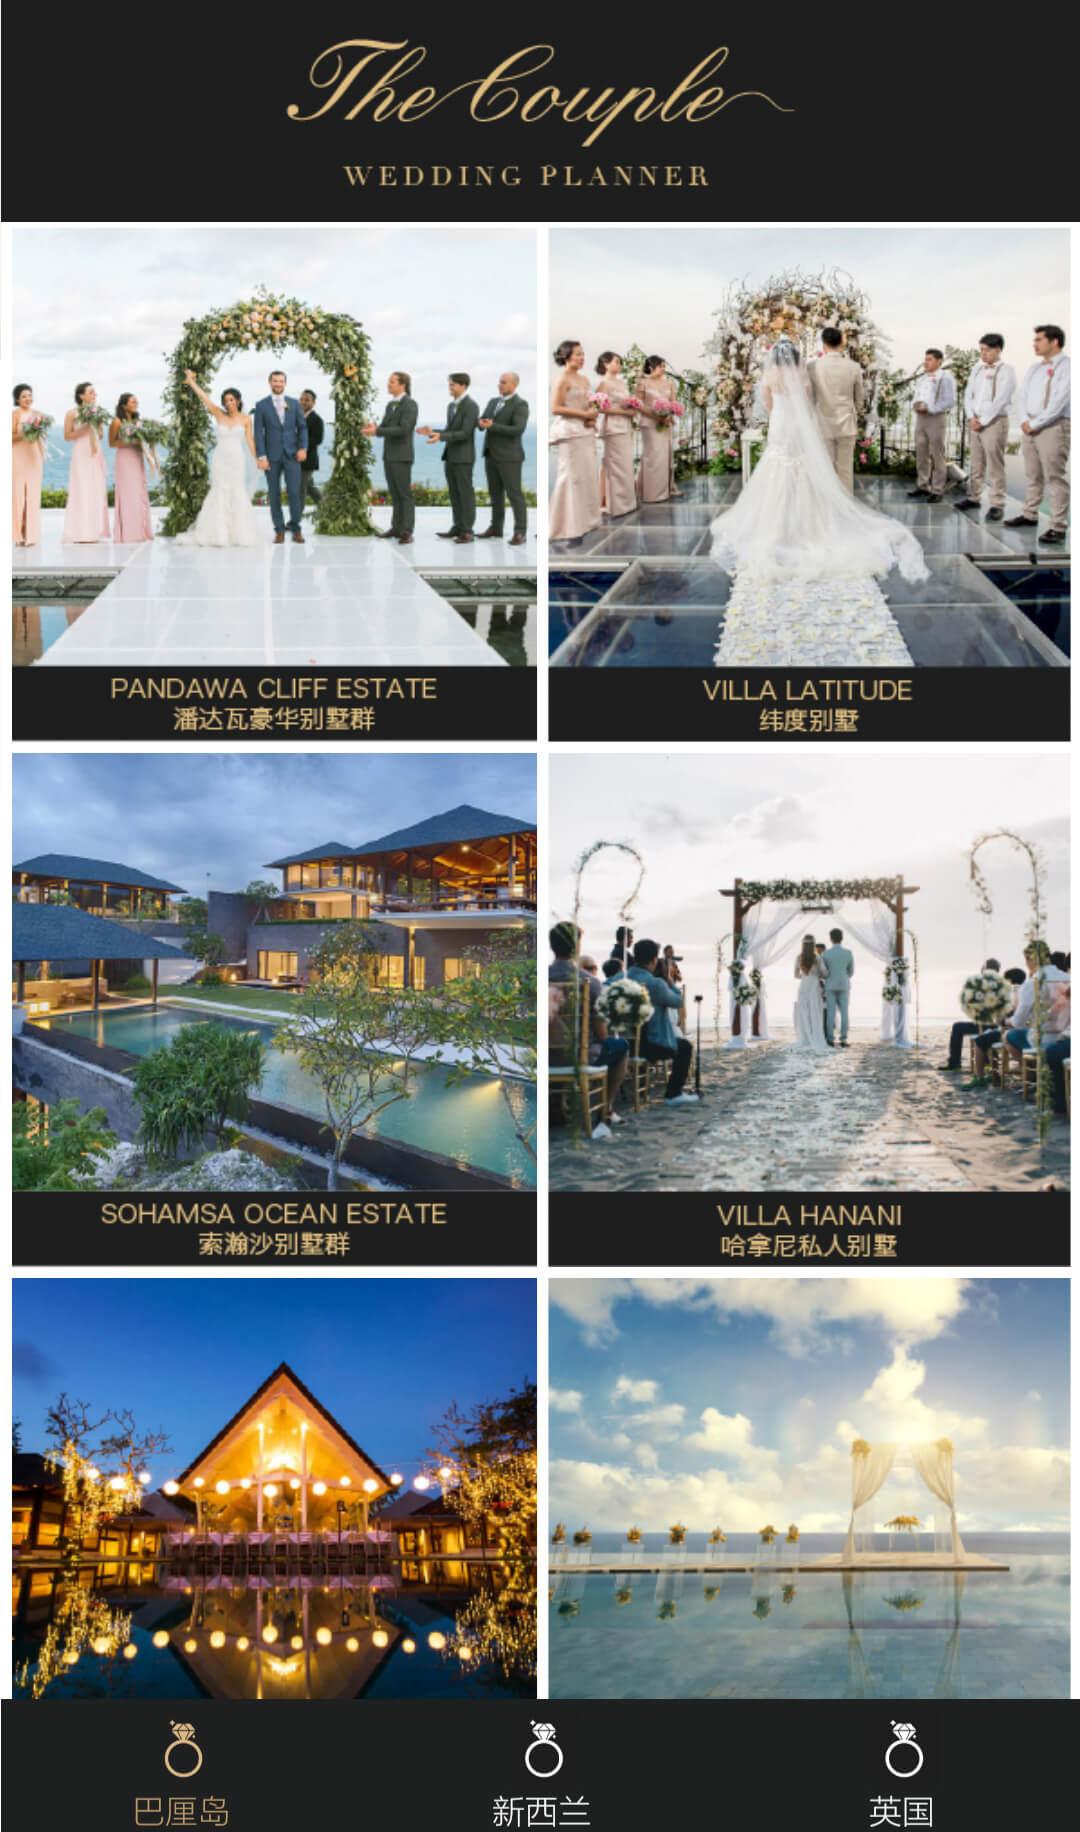 微信海外婚礼顾问小程序